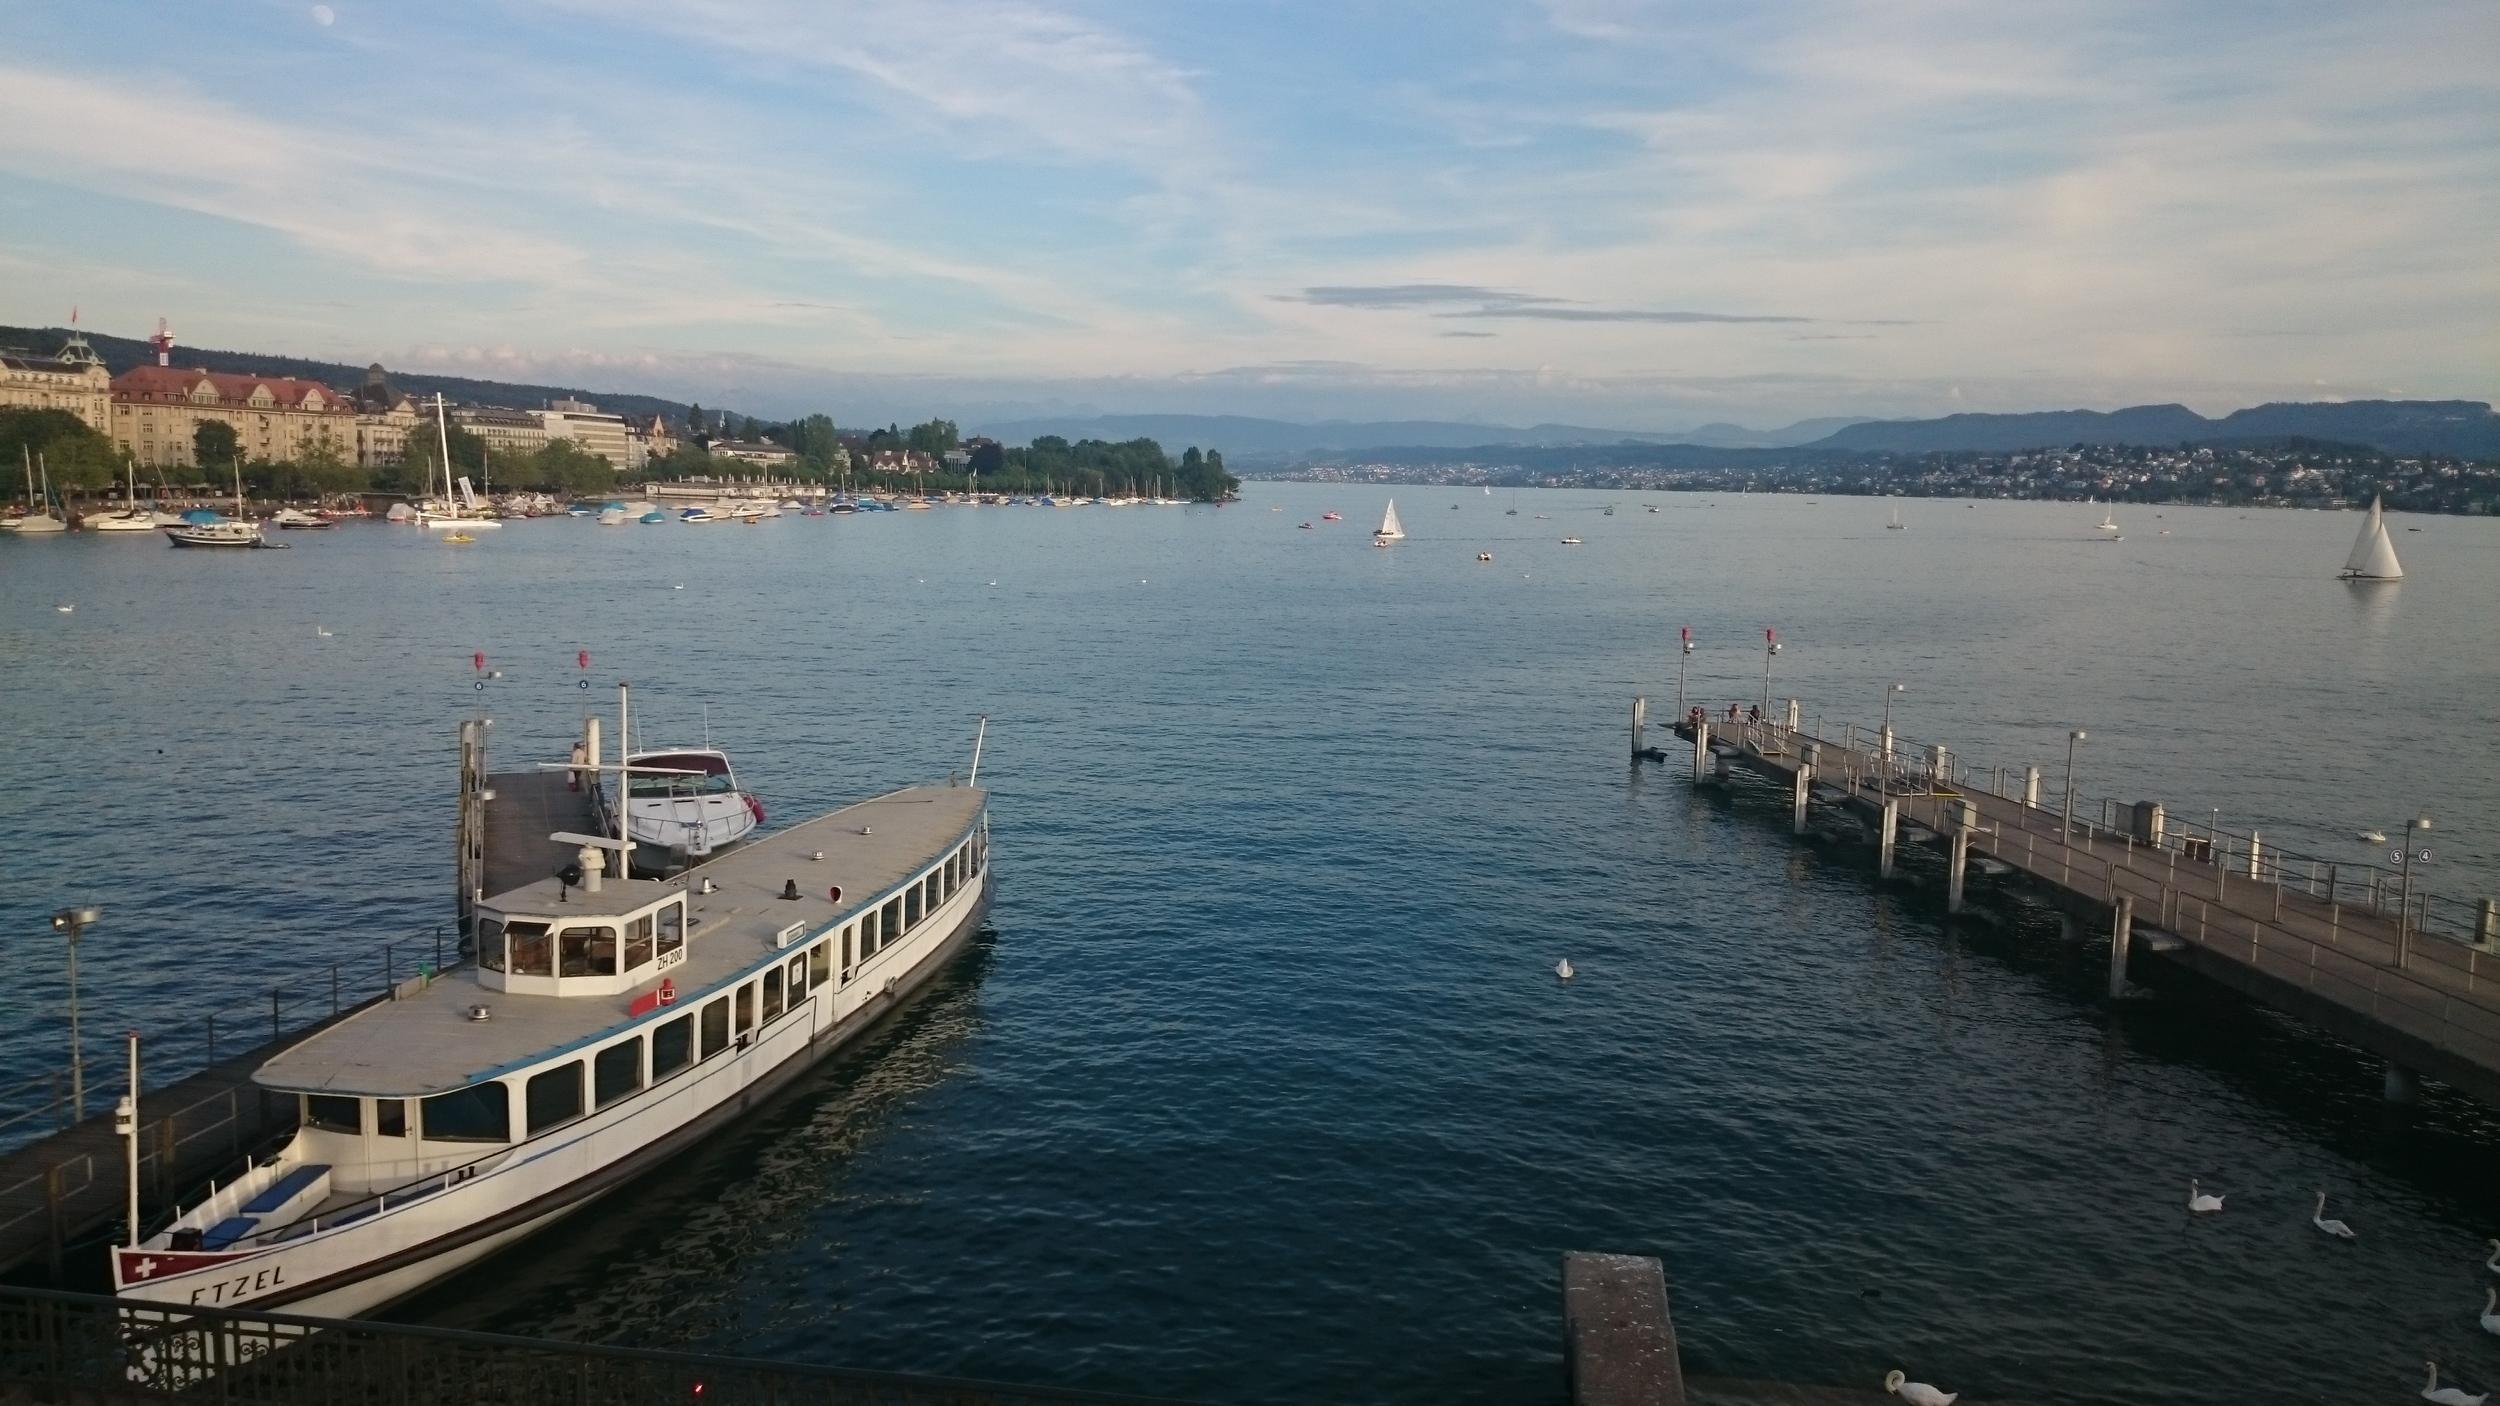 more views of Zurich